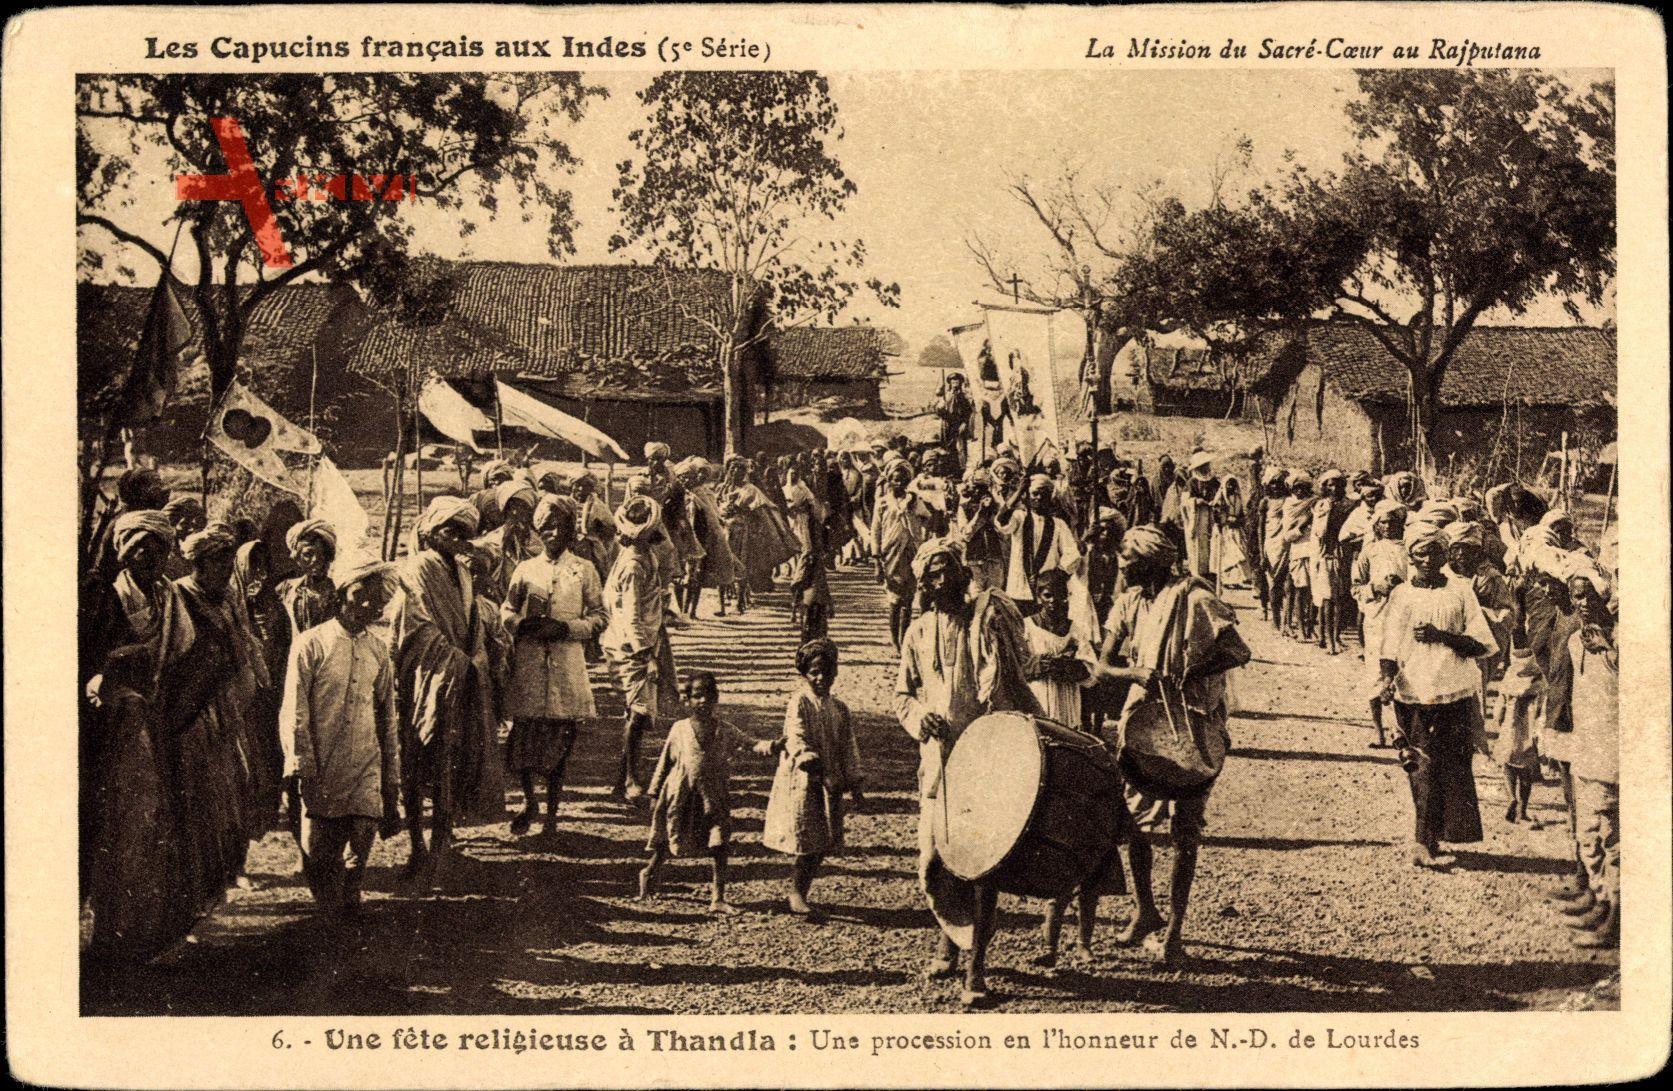 Thandla Indien, Une fete religieuse, une procession, Inder,Capucins francais